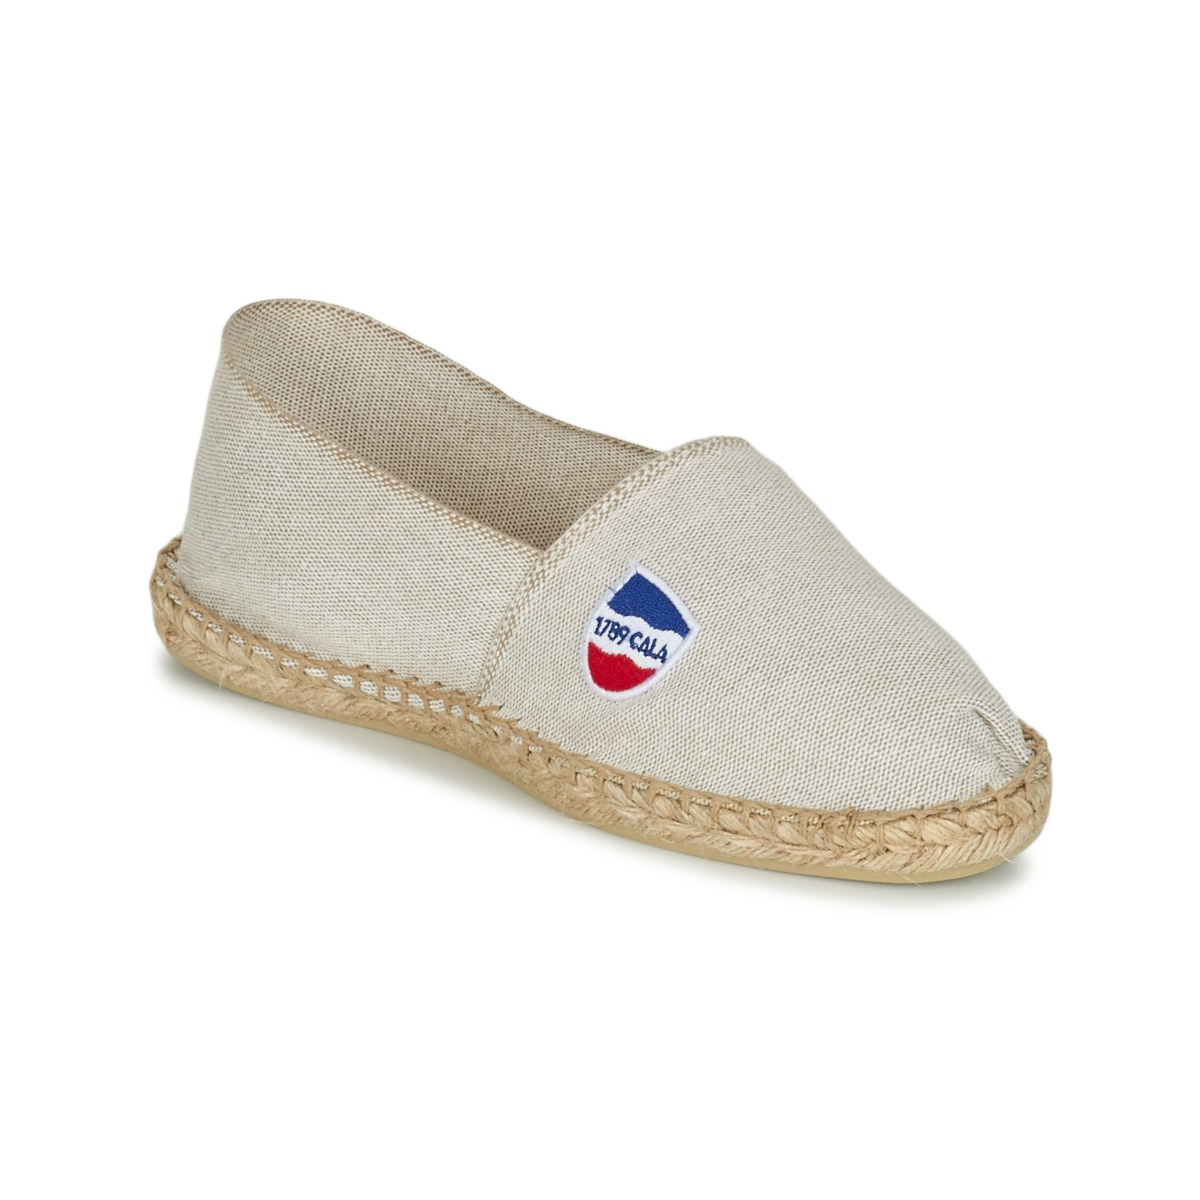 1789 Cala UNIE LIN Beige - Kostenloser Versand bei Spartoode ! - Schuhe Leinen-Pantoletten mit gefloch Herren 27,99 €